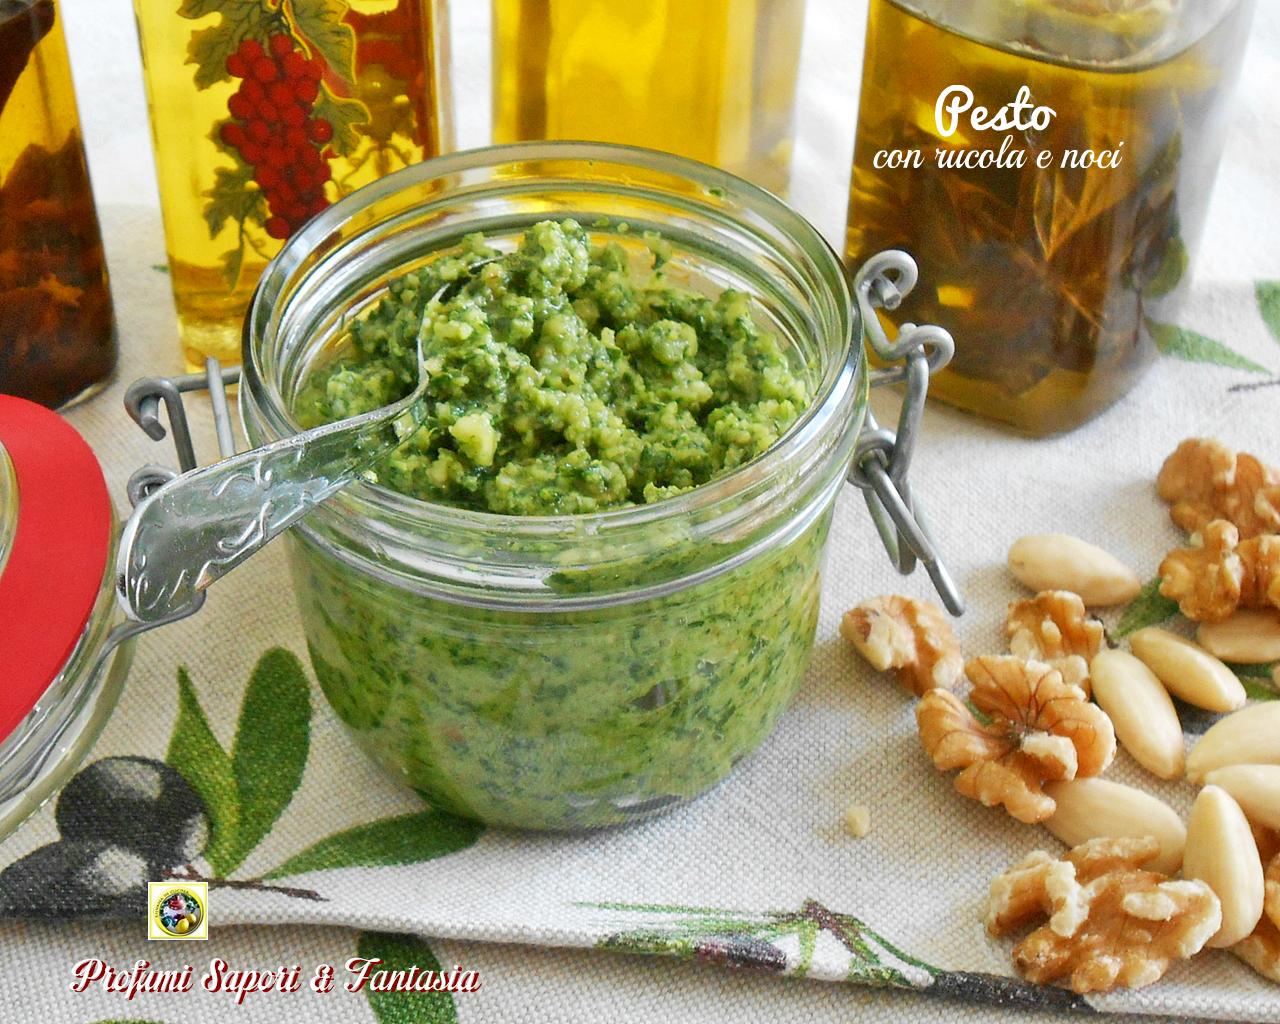 Pesto con rucola e noci